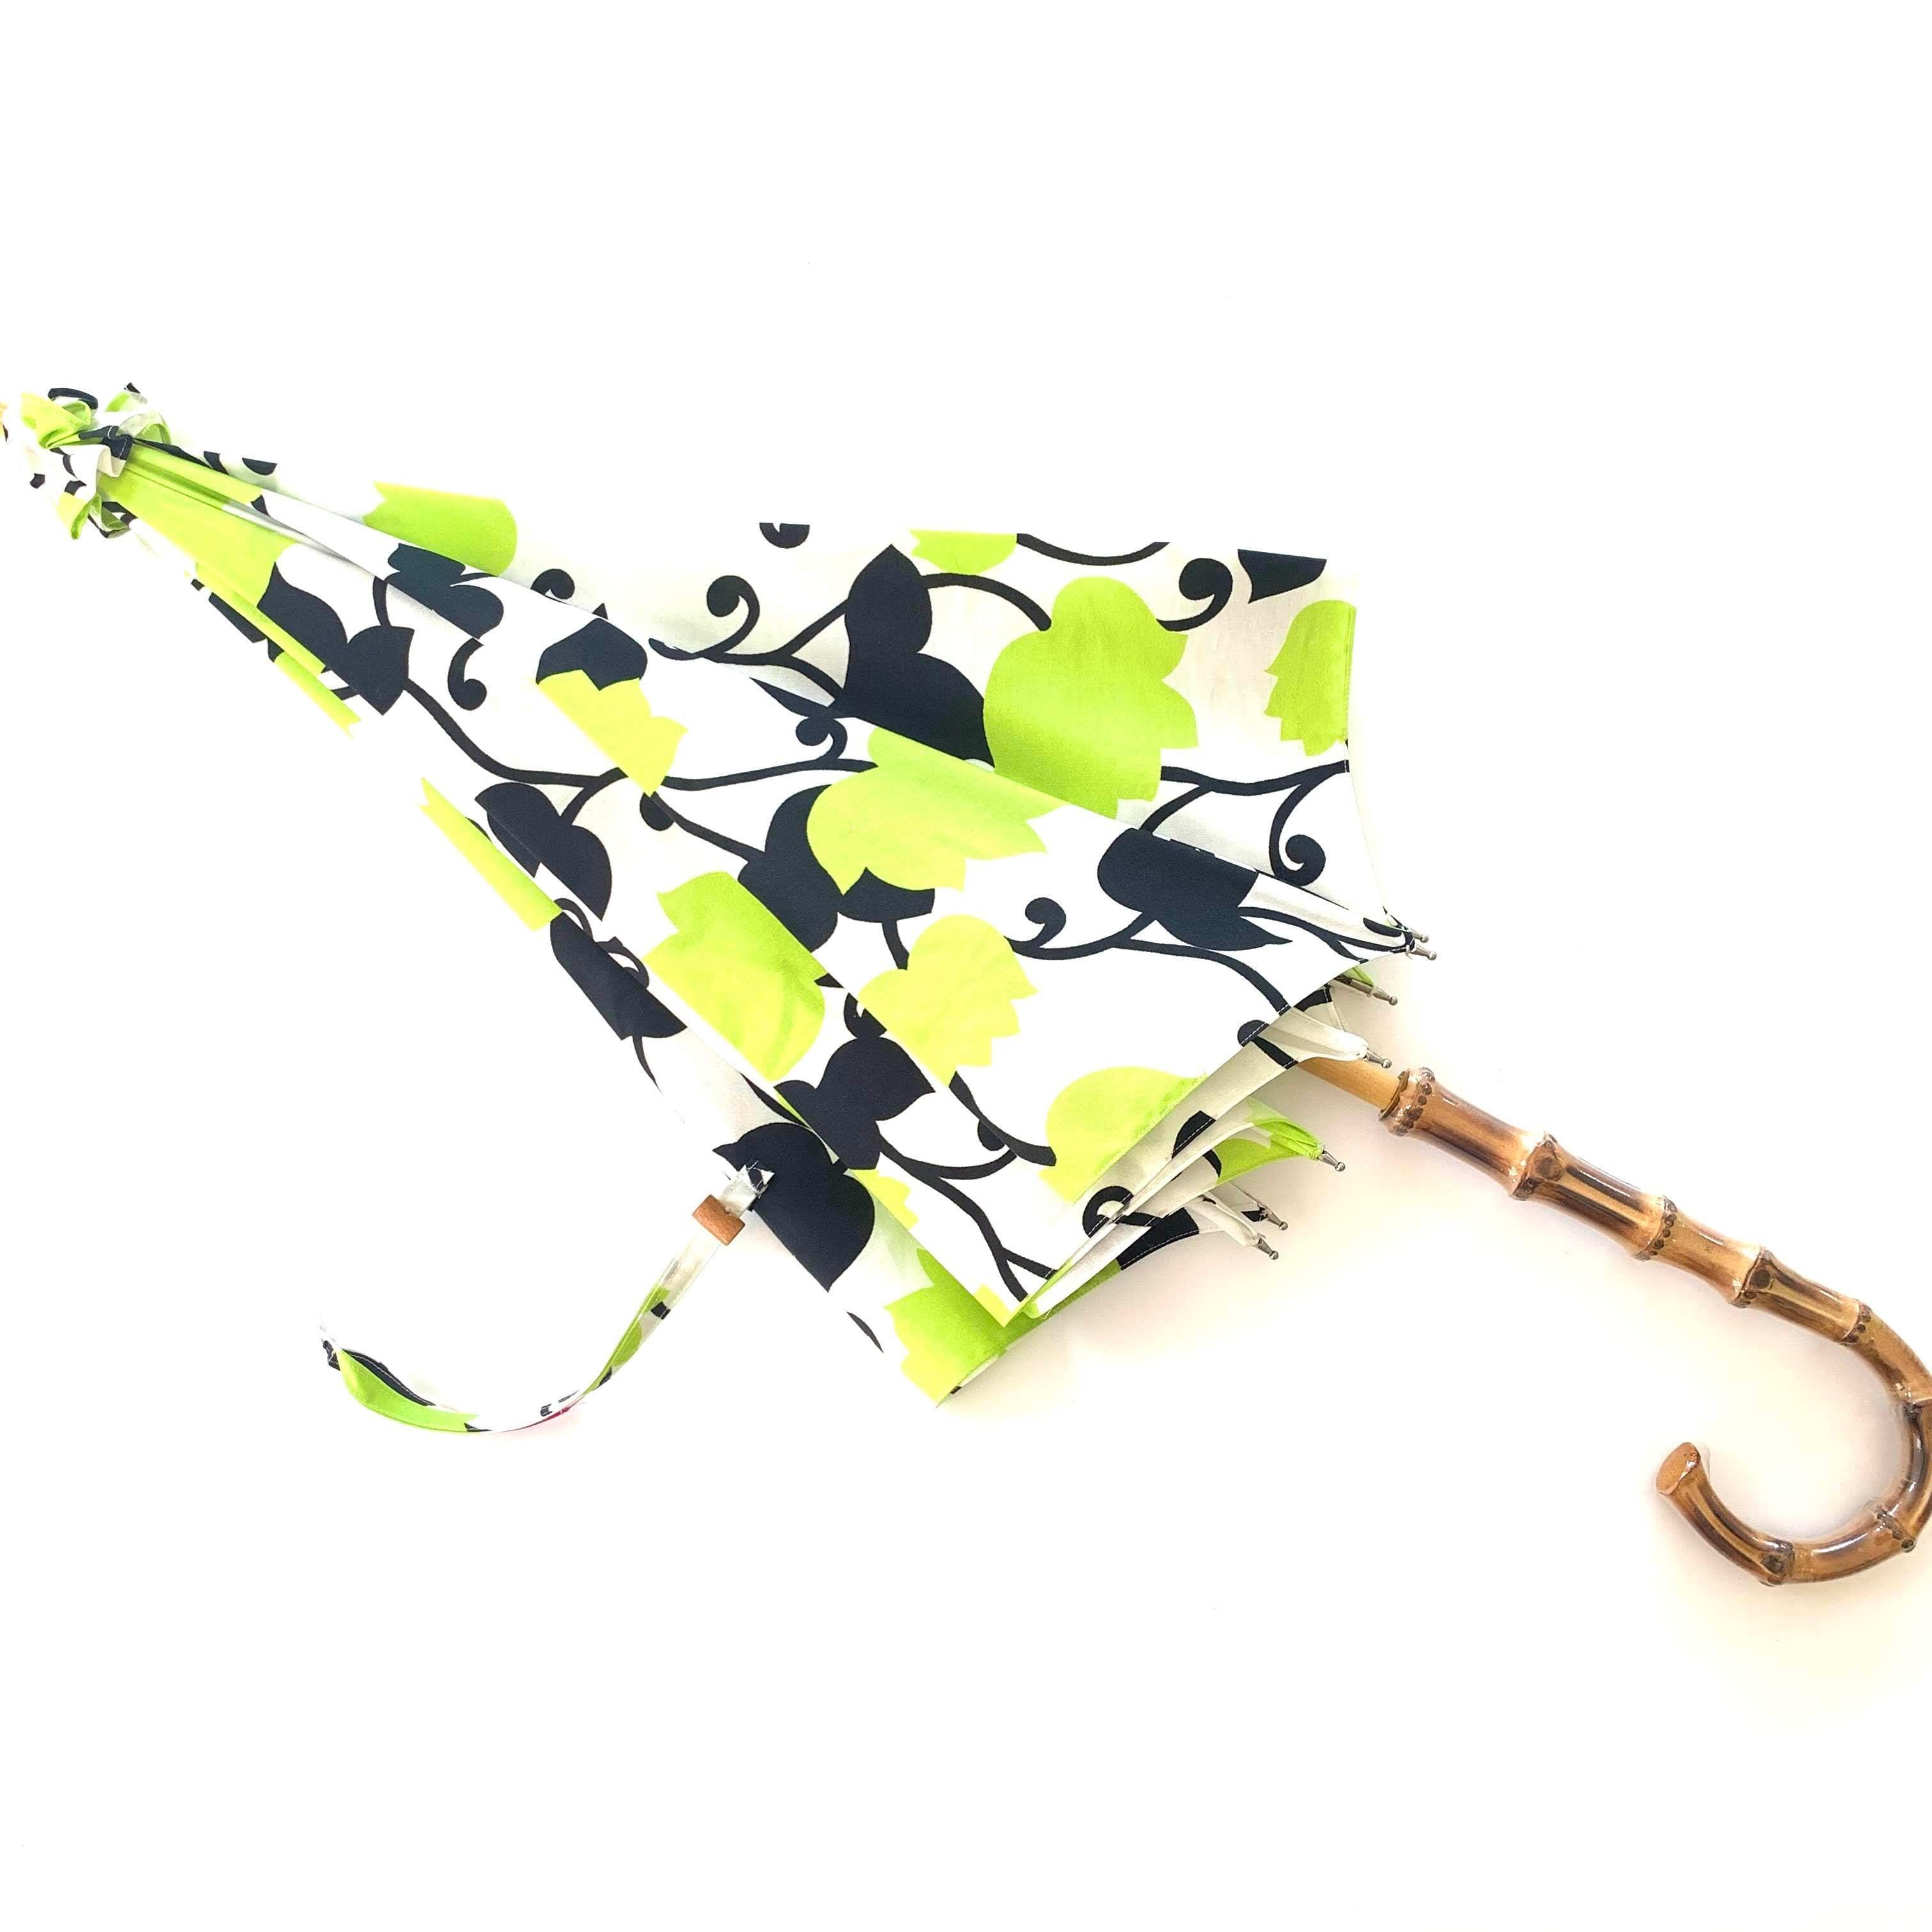 北欧デザイン日傘(晴雨兼用)| パゴダタイプ | matthew lime